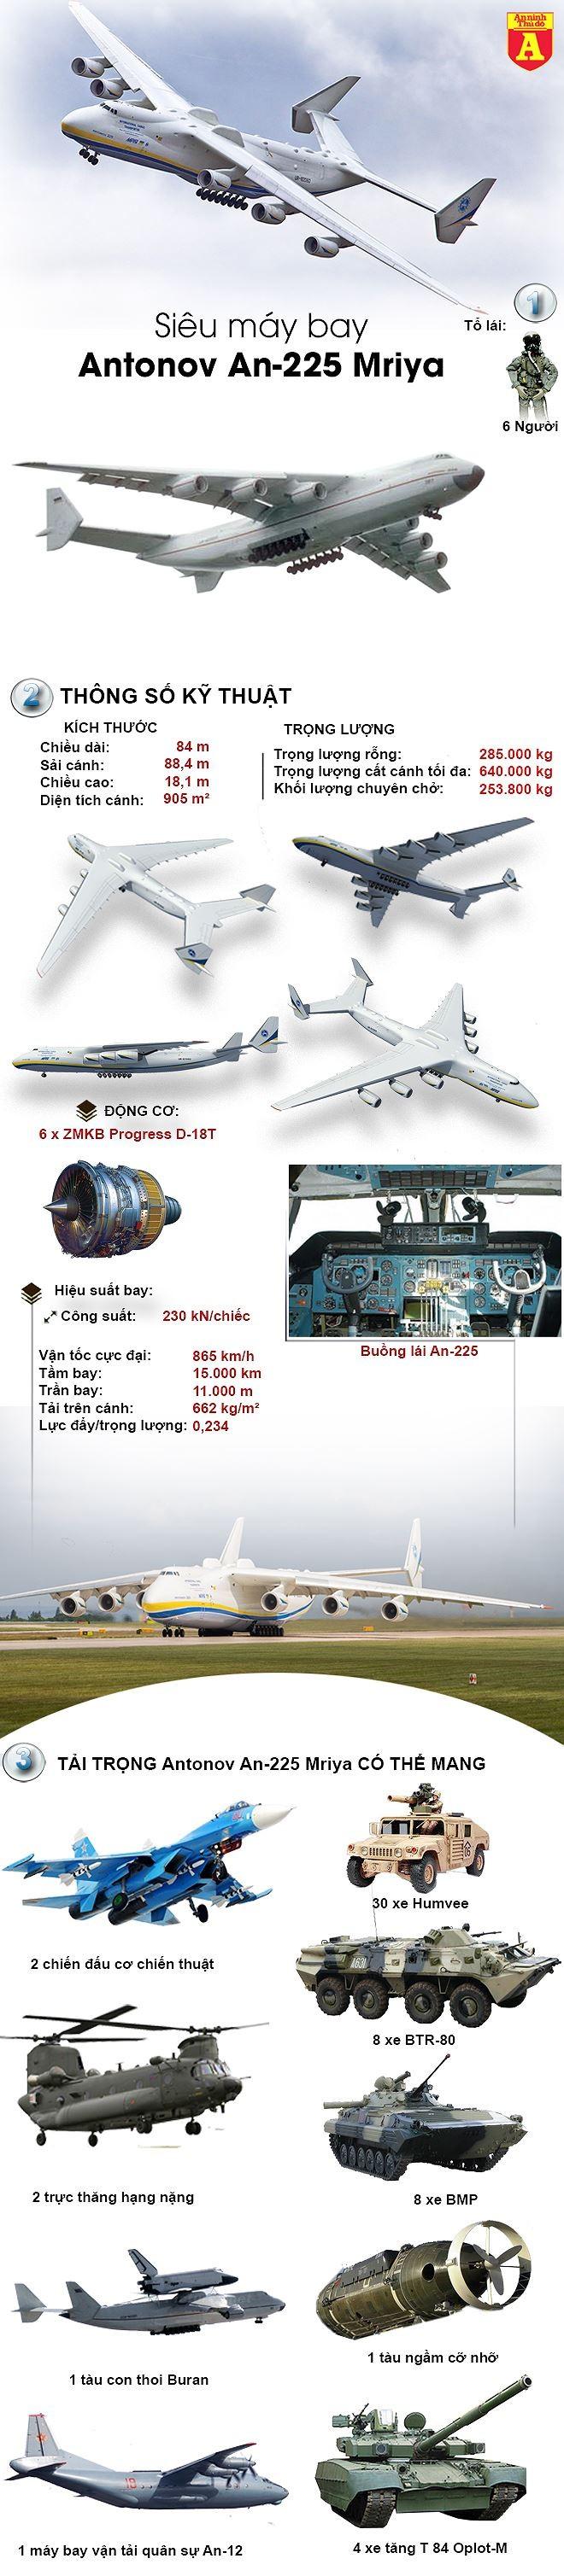 """[ĐỒ HỌA] Tại sao Nga lại thèm khát """"Gã khổng lồ"""" An-225 của Liên Xô mà Ukraine đang nắm giữ? ảnh 2"""